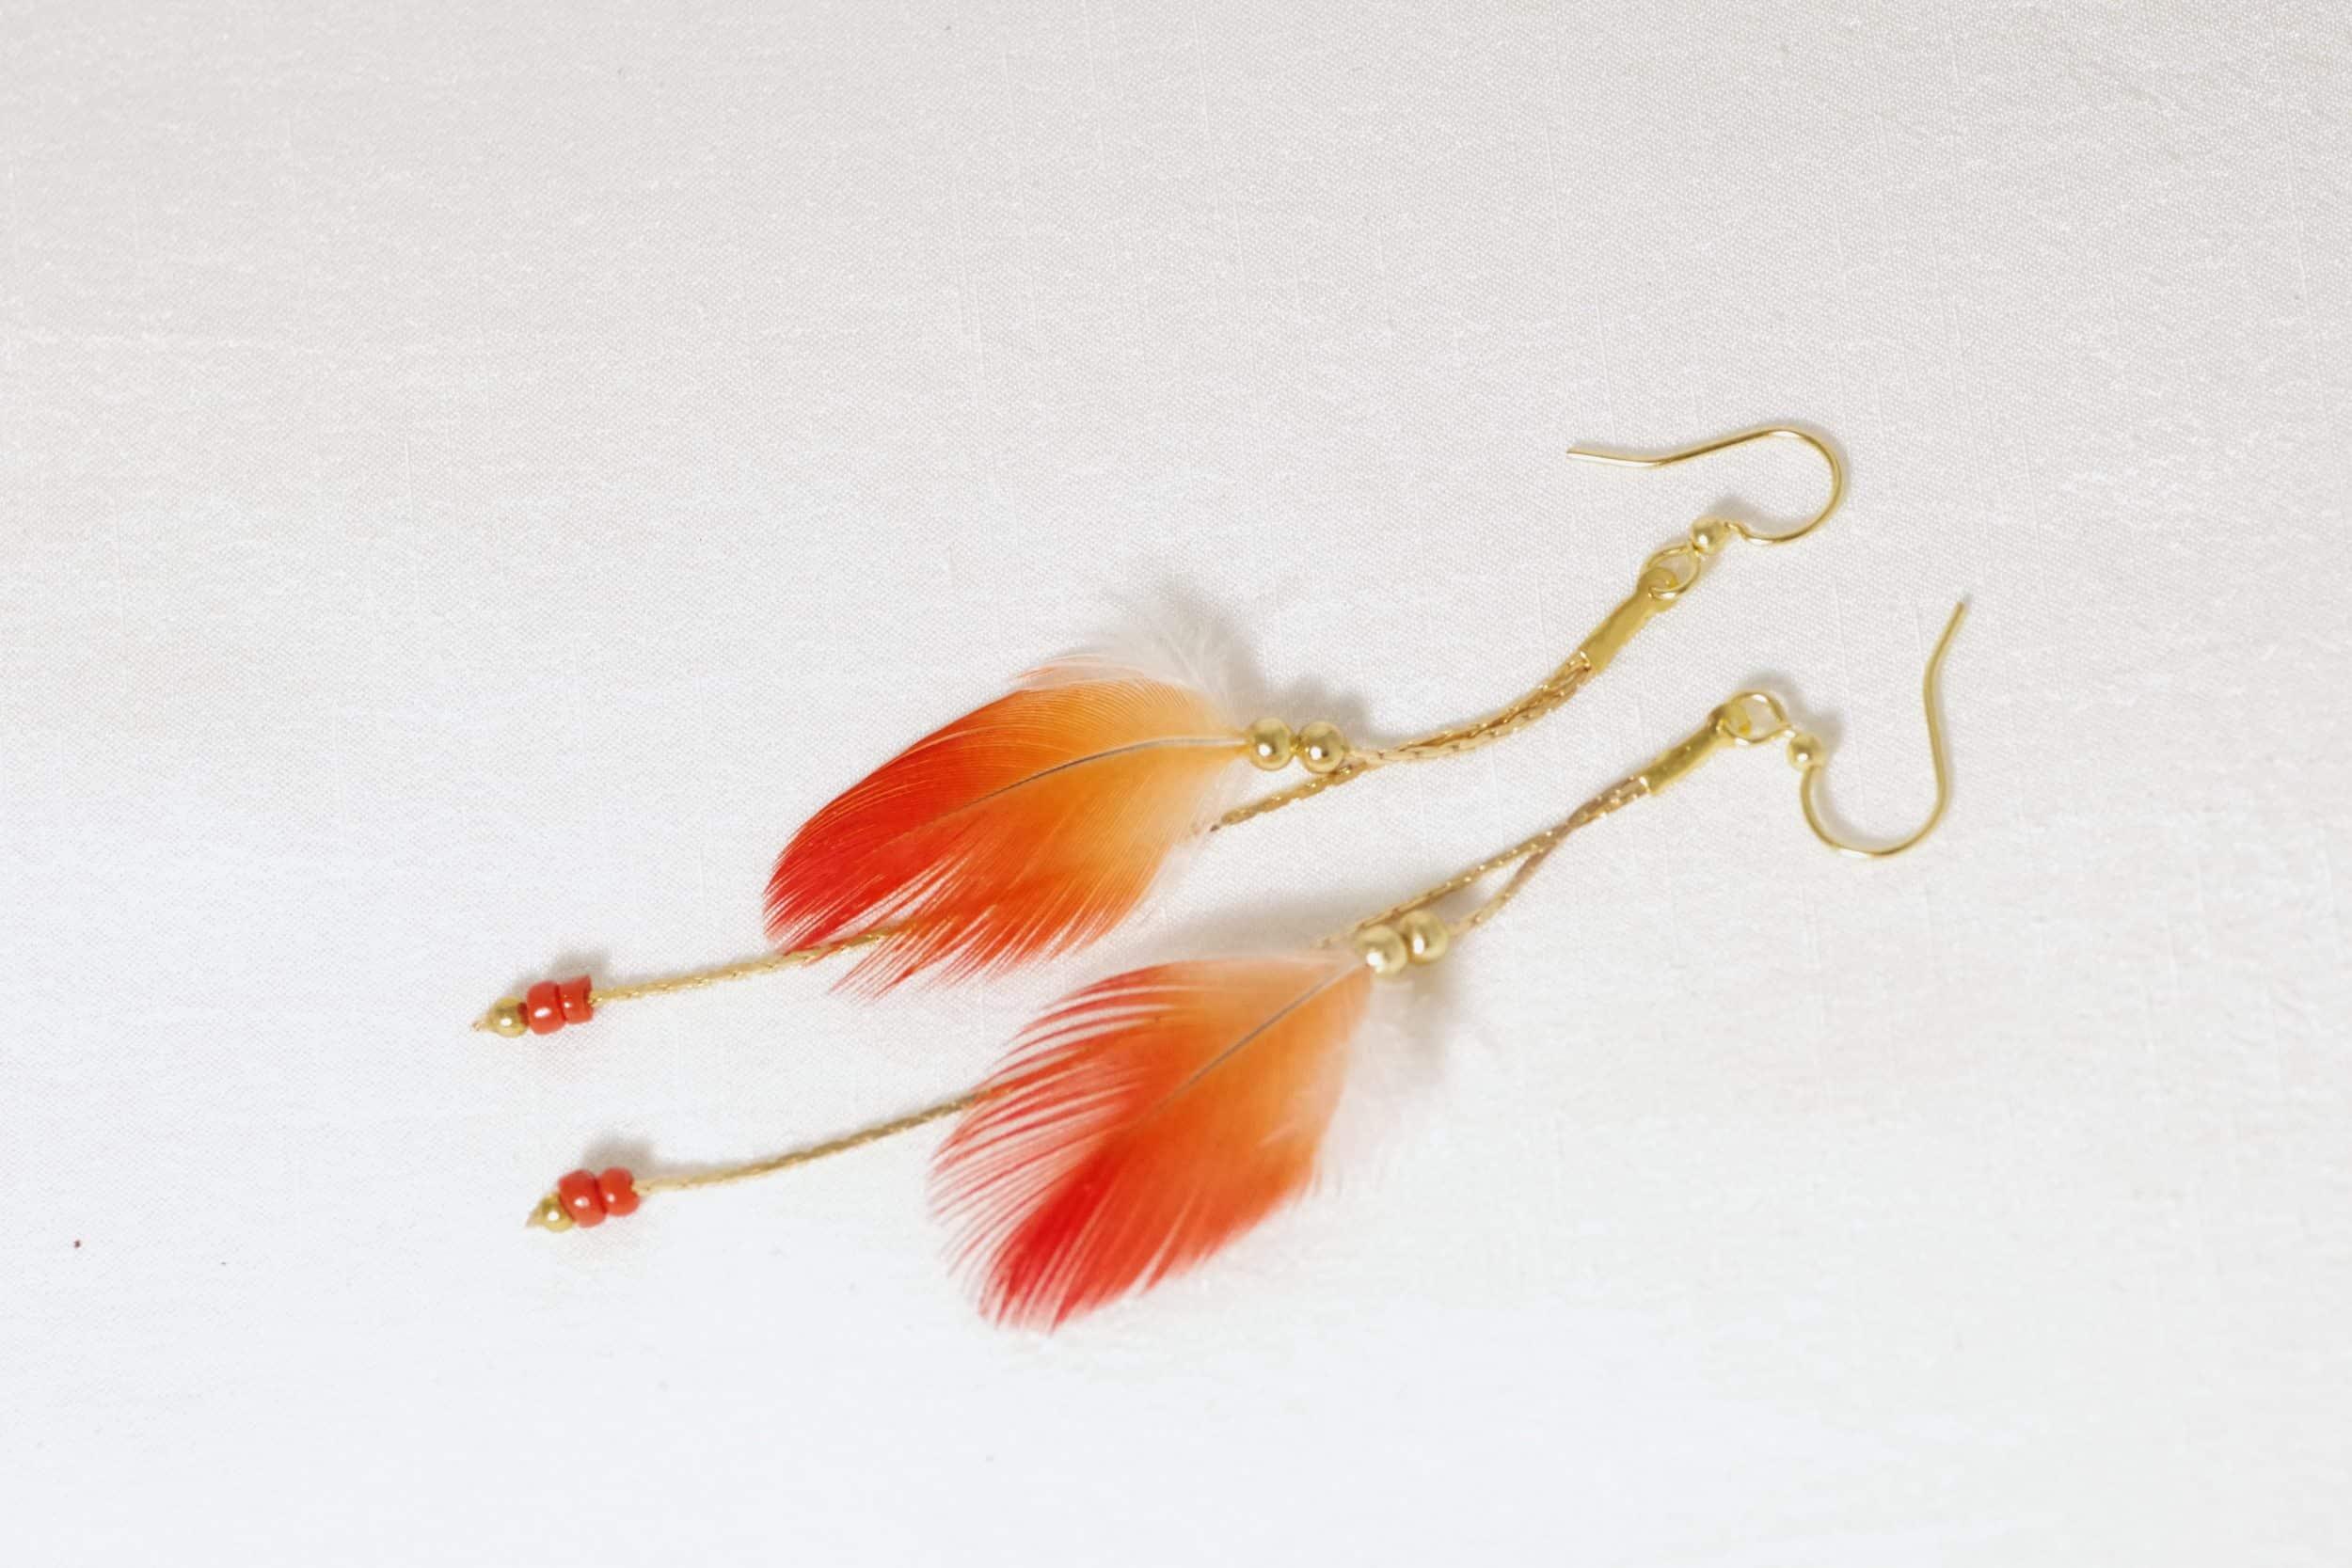 Boucles d'reilles à plumes rouges vif et chaînes fines dorées, avec de petites peres rouges en bout de chaîne.